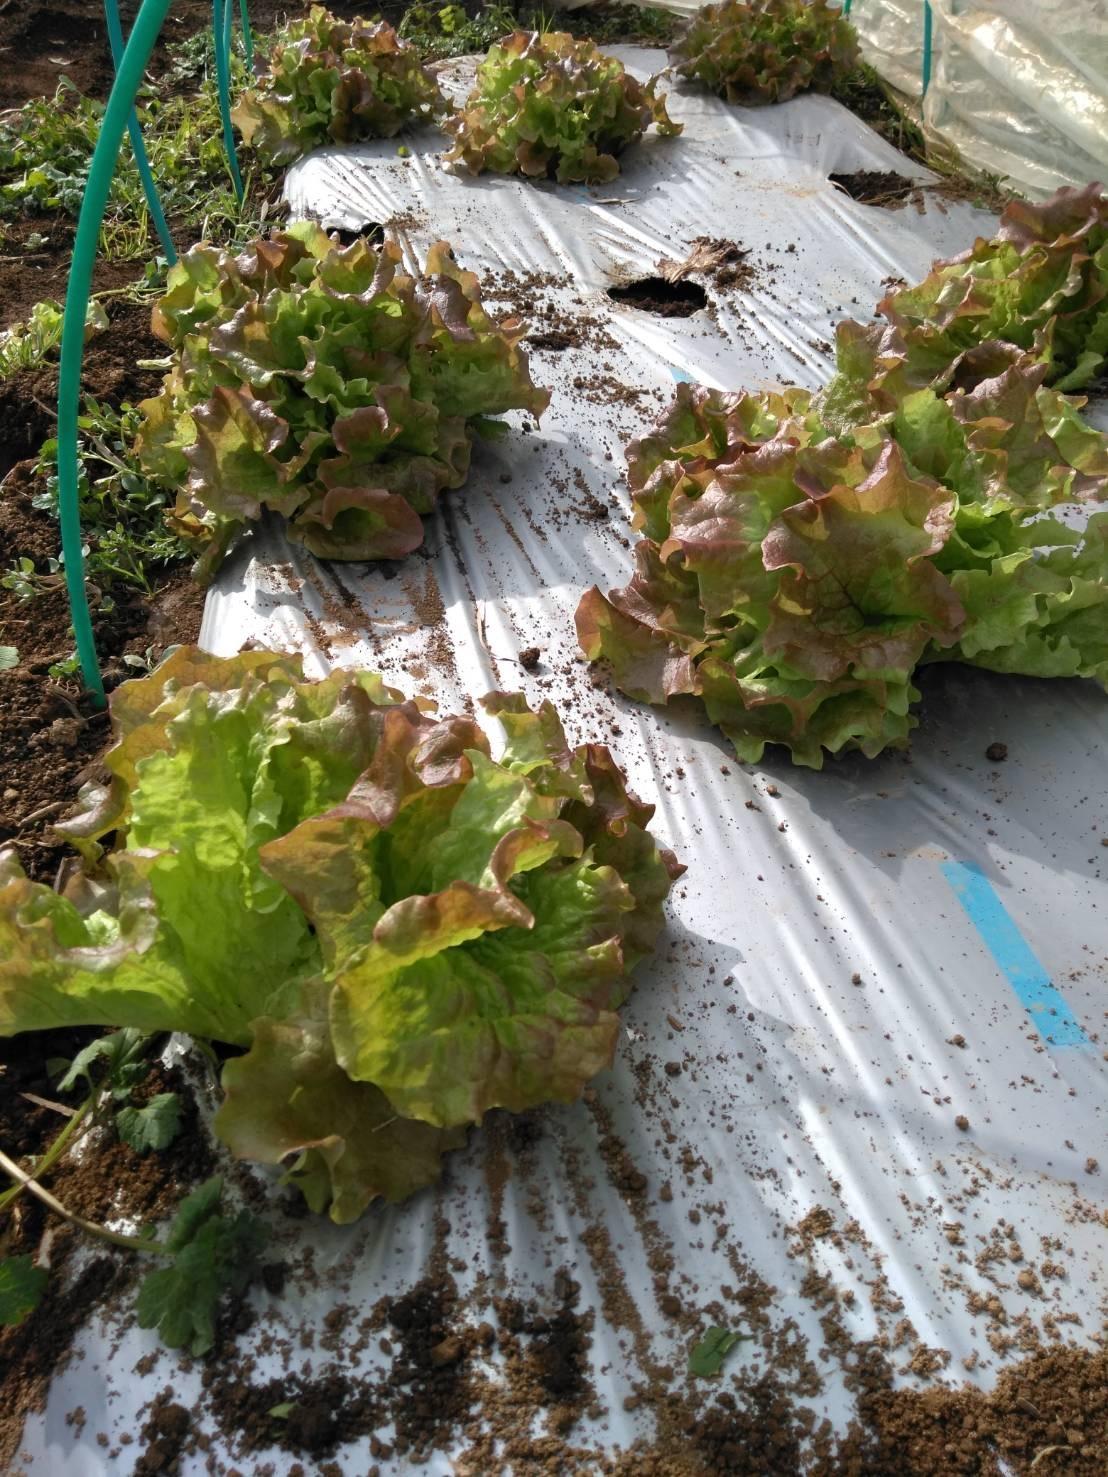 葉物 根物 蕾の冬野菜達 全て順調に育っております_c0222448_15435449.jpg